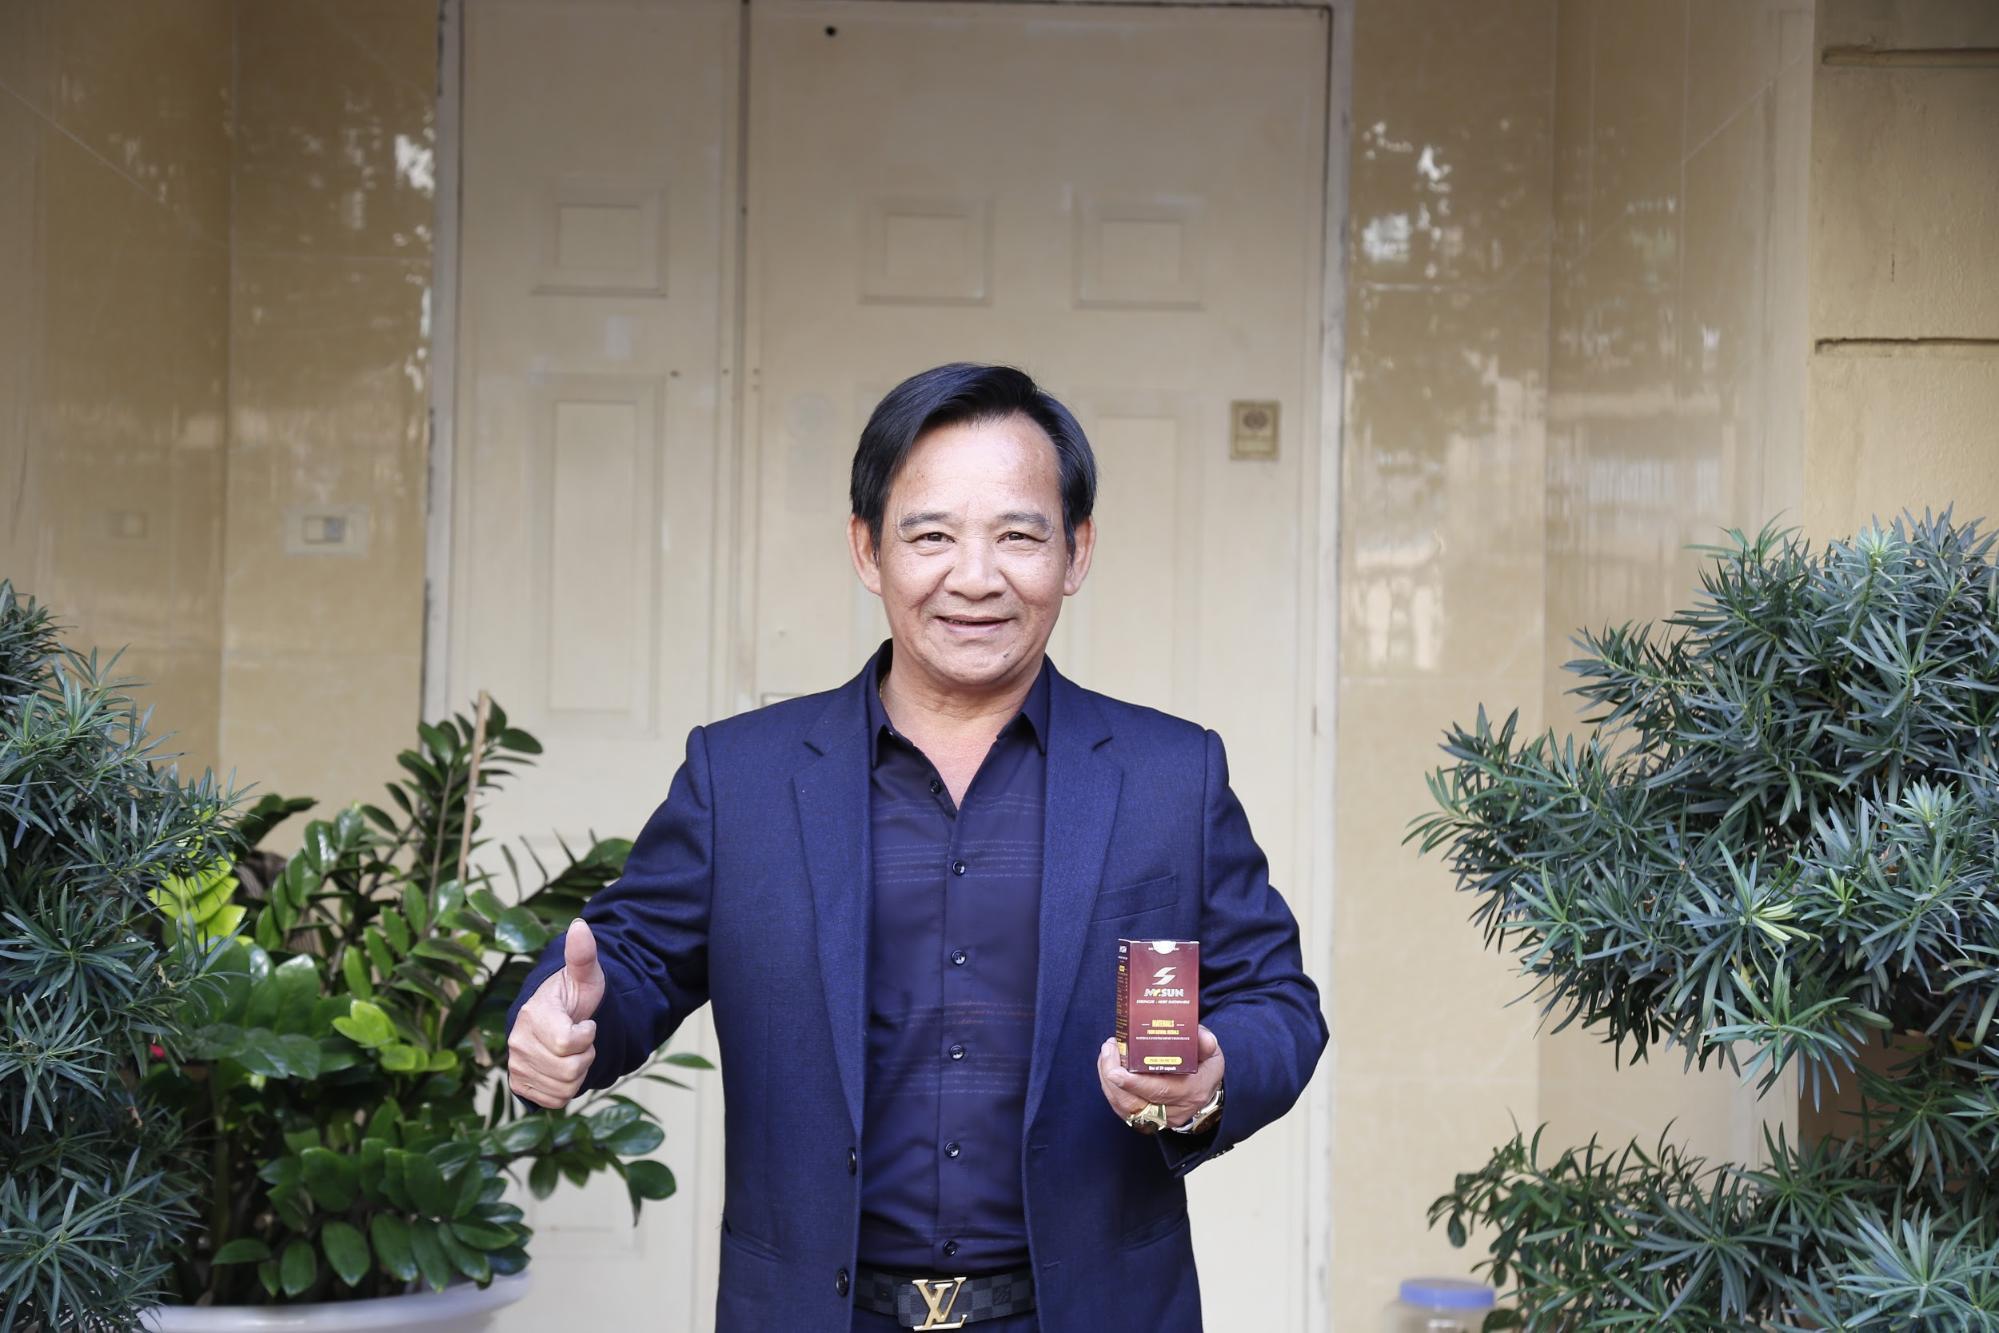 Nghệ sĩ Quang Tèo tin tưởng sử dụng viên uống Mr Sun để tăng cường bản lĩnh đàn ông